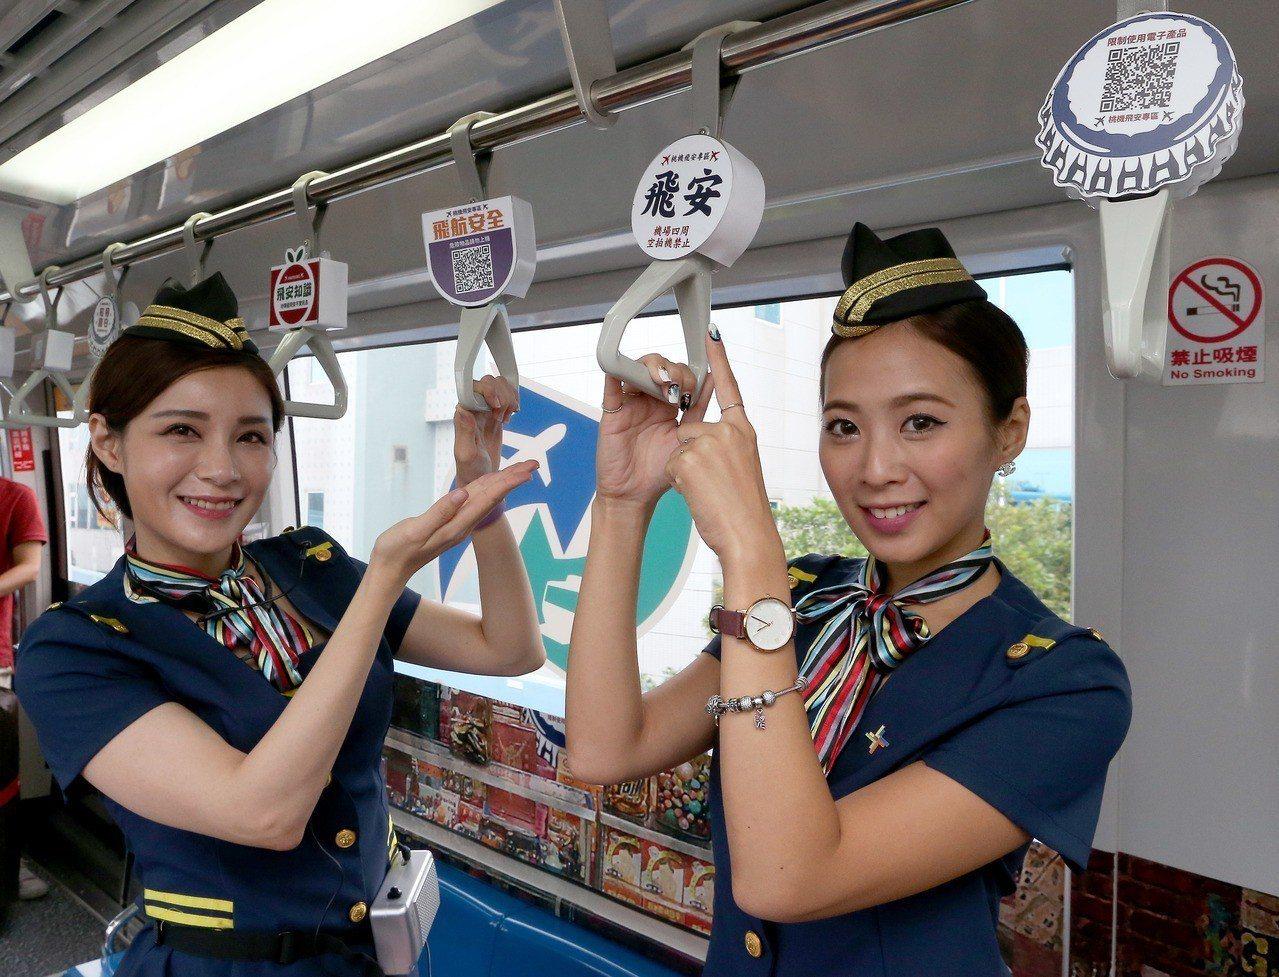 桃園機場公司推動飛安宣導,電車設置裝置藝術壁貼,把手懸掛QR Code,方便旅客...